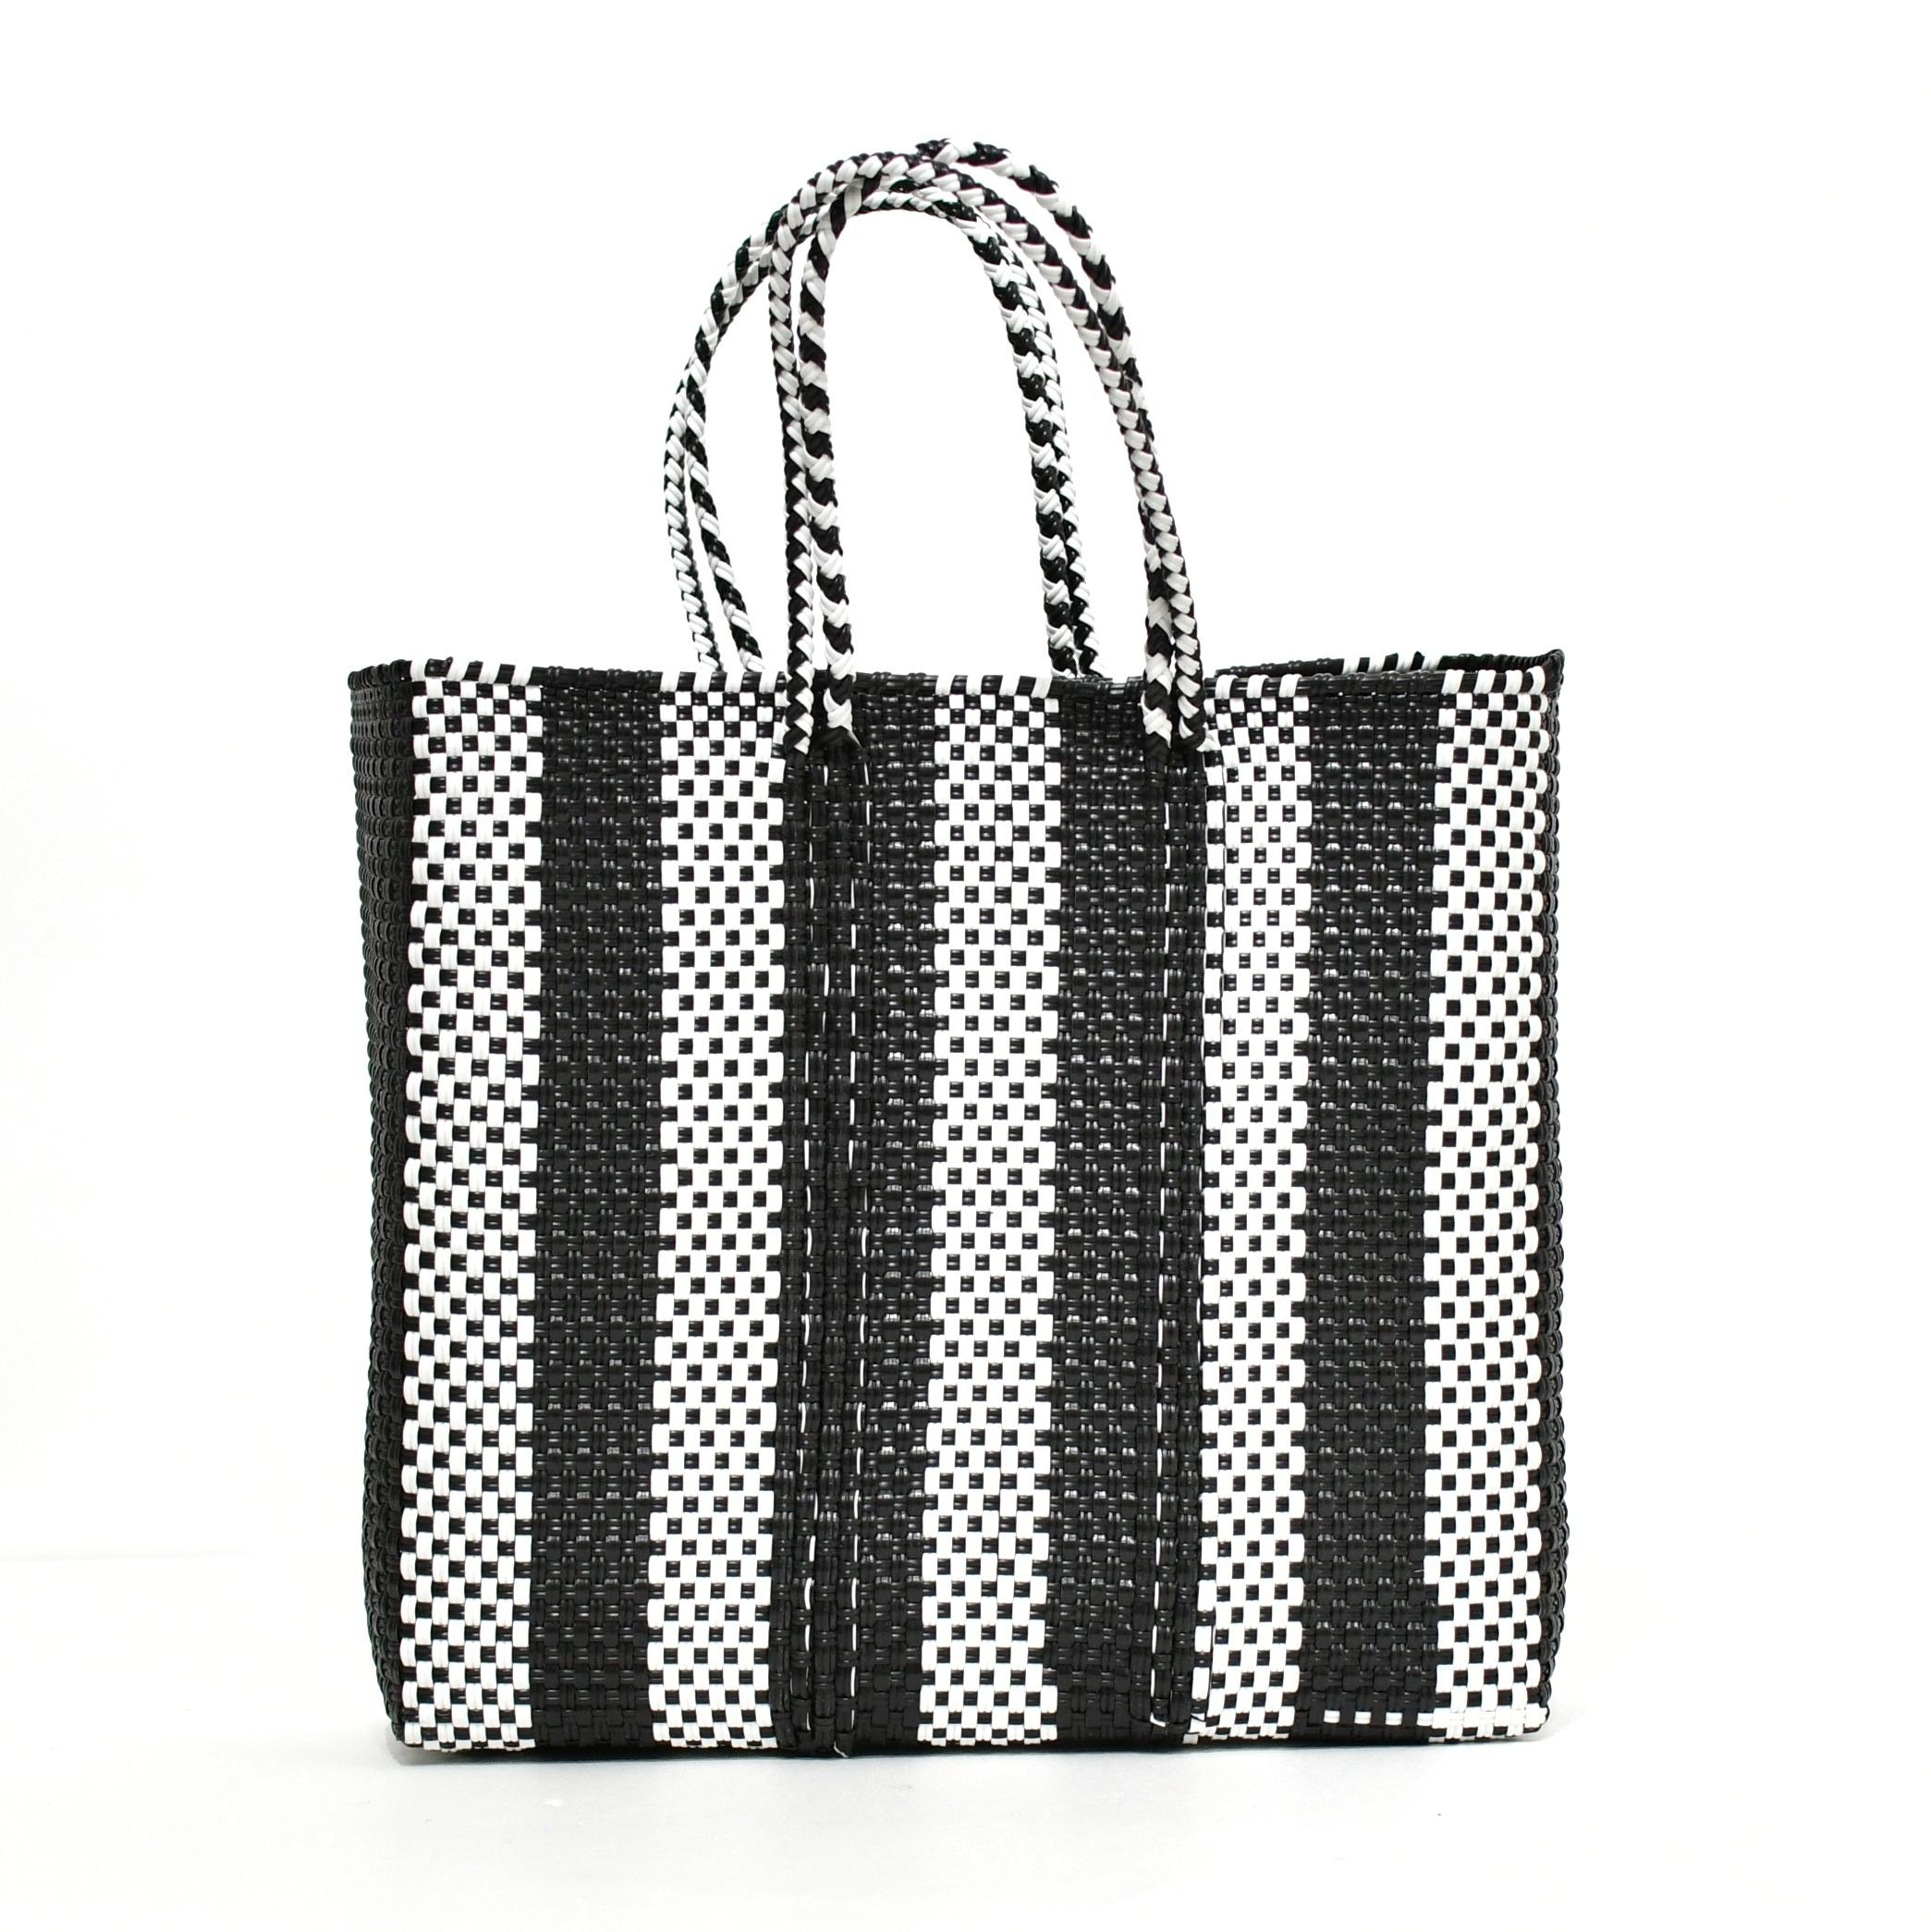 MERCADO BAG 5LINES - Black x White(M)